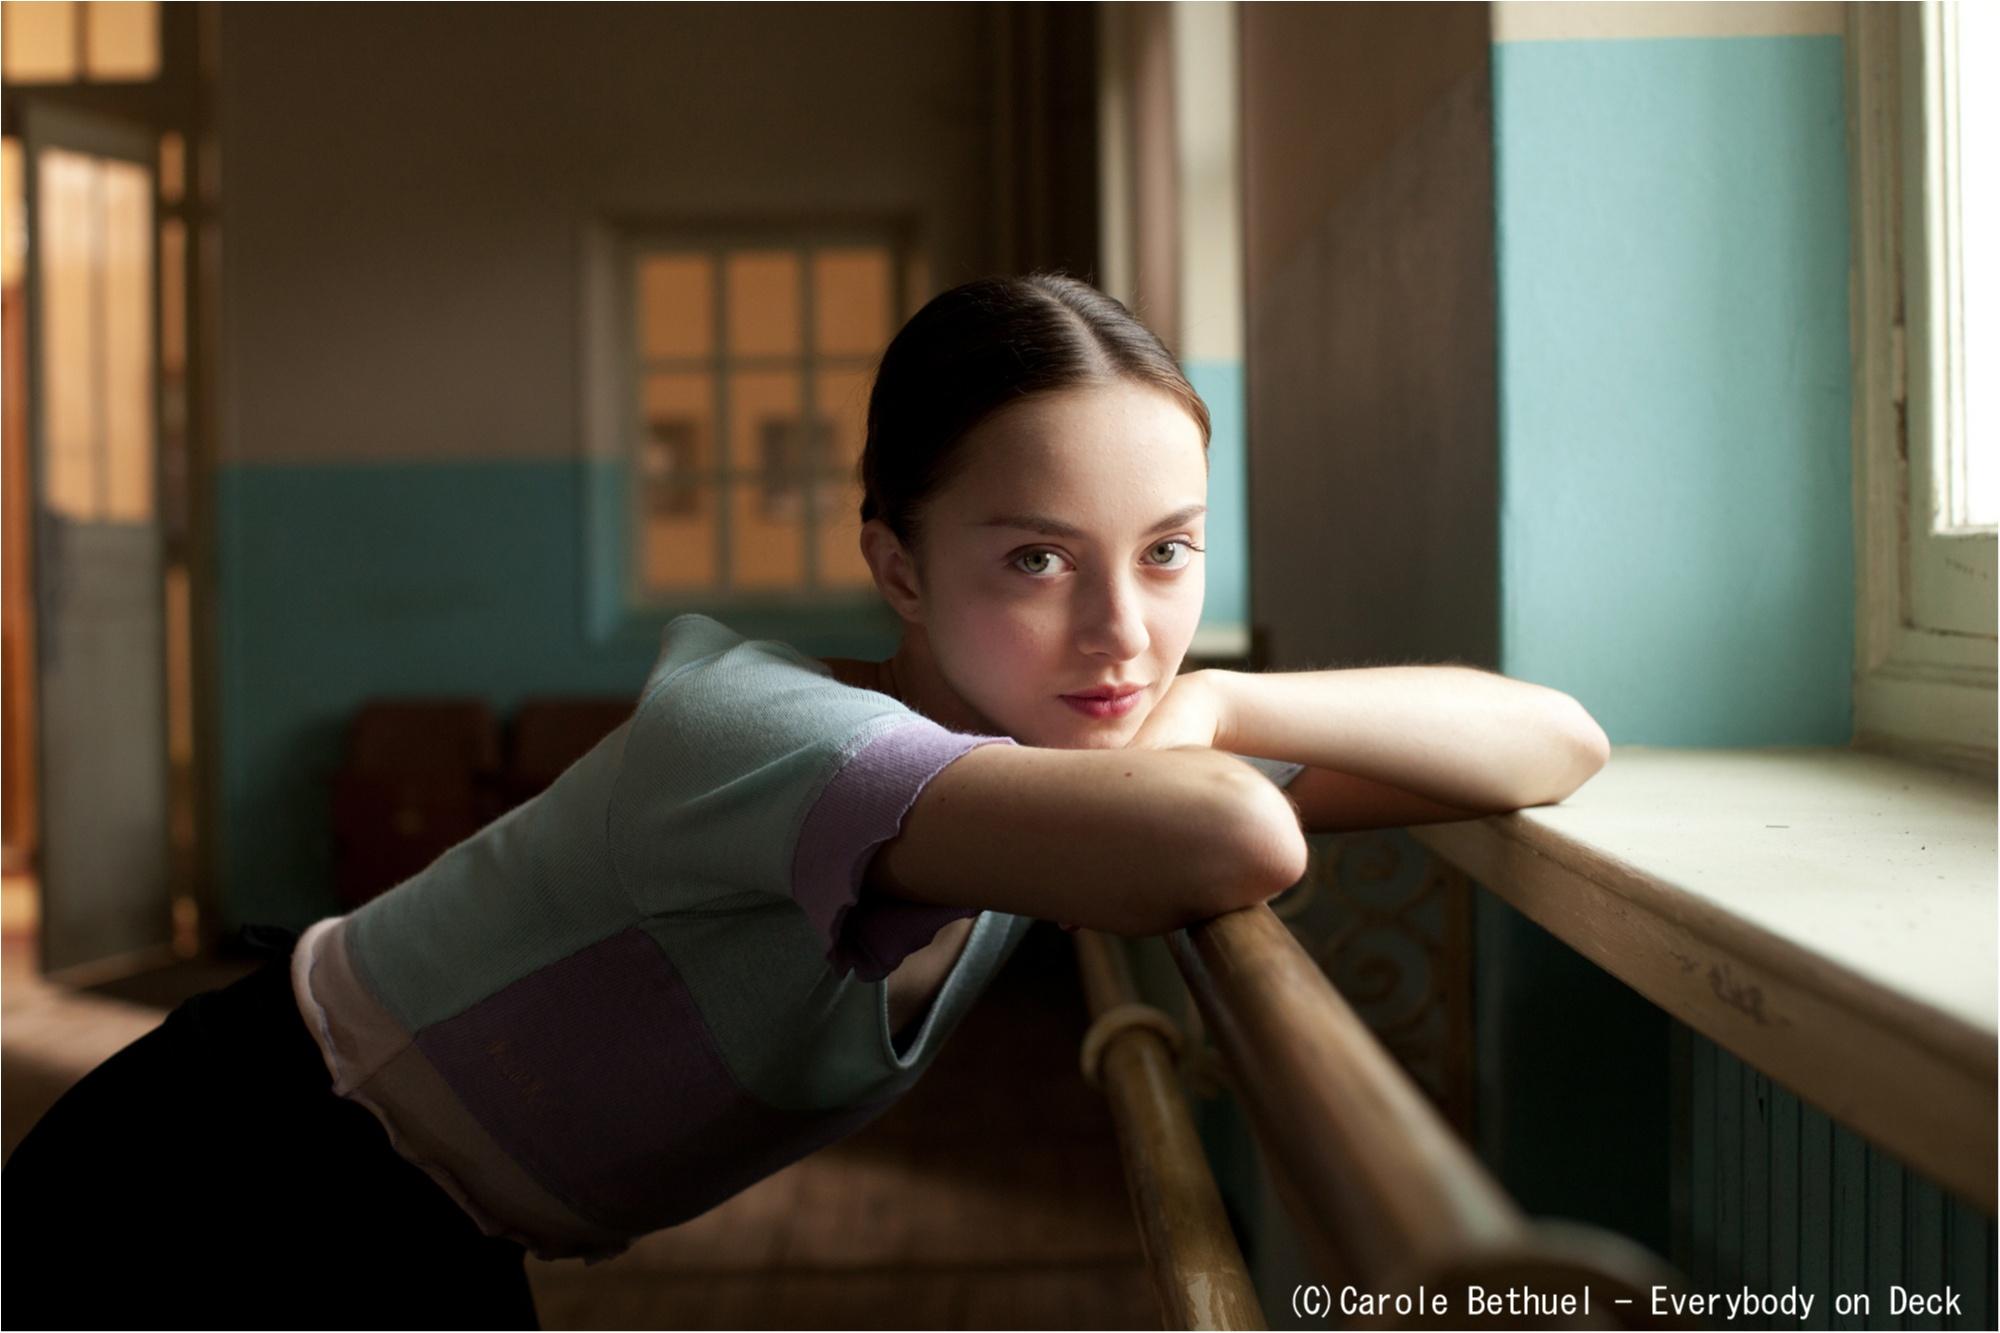 クラシックもコンテンポラリーも! 美しきシンデレラ・ガールが圧巻の踊りを披露するダンス映画『ポリーナ、私を踊る』_1